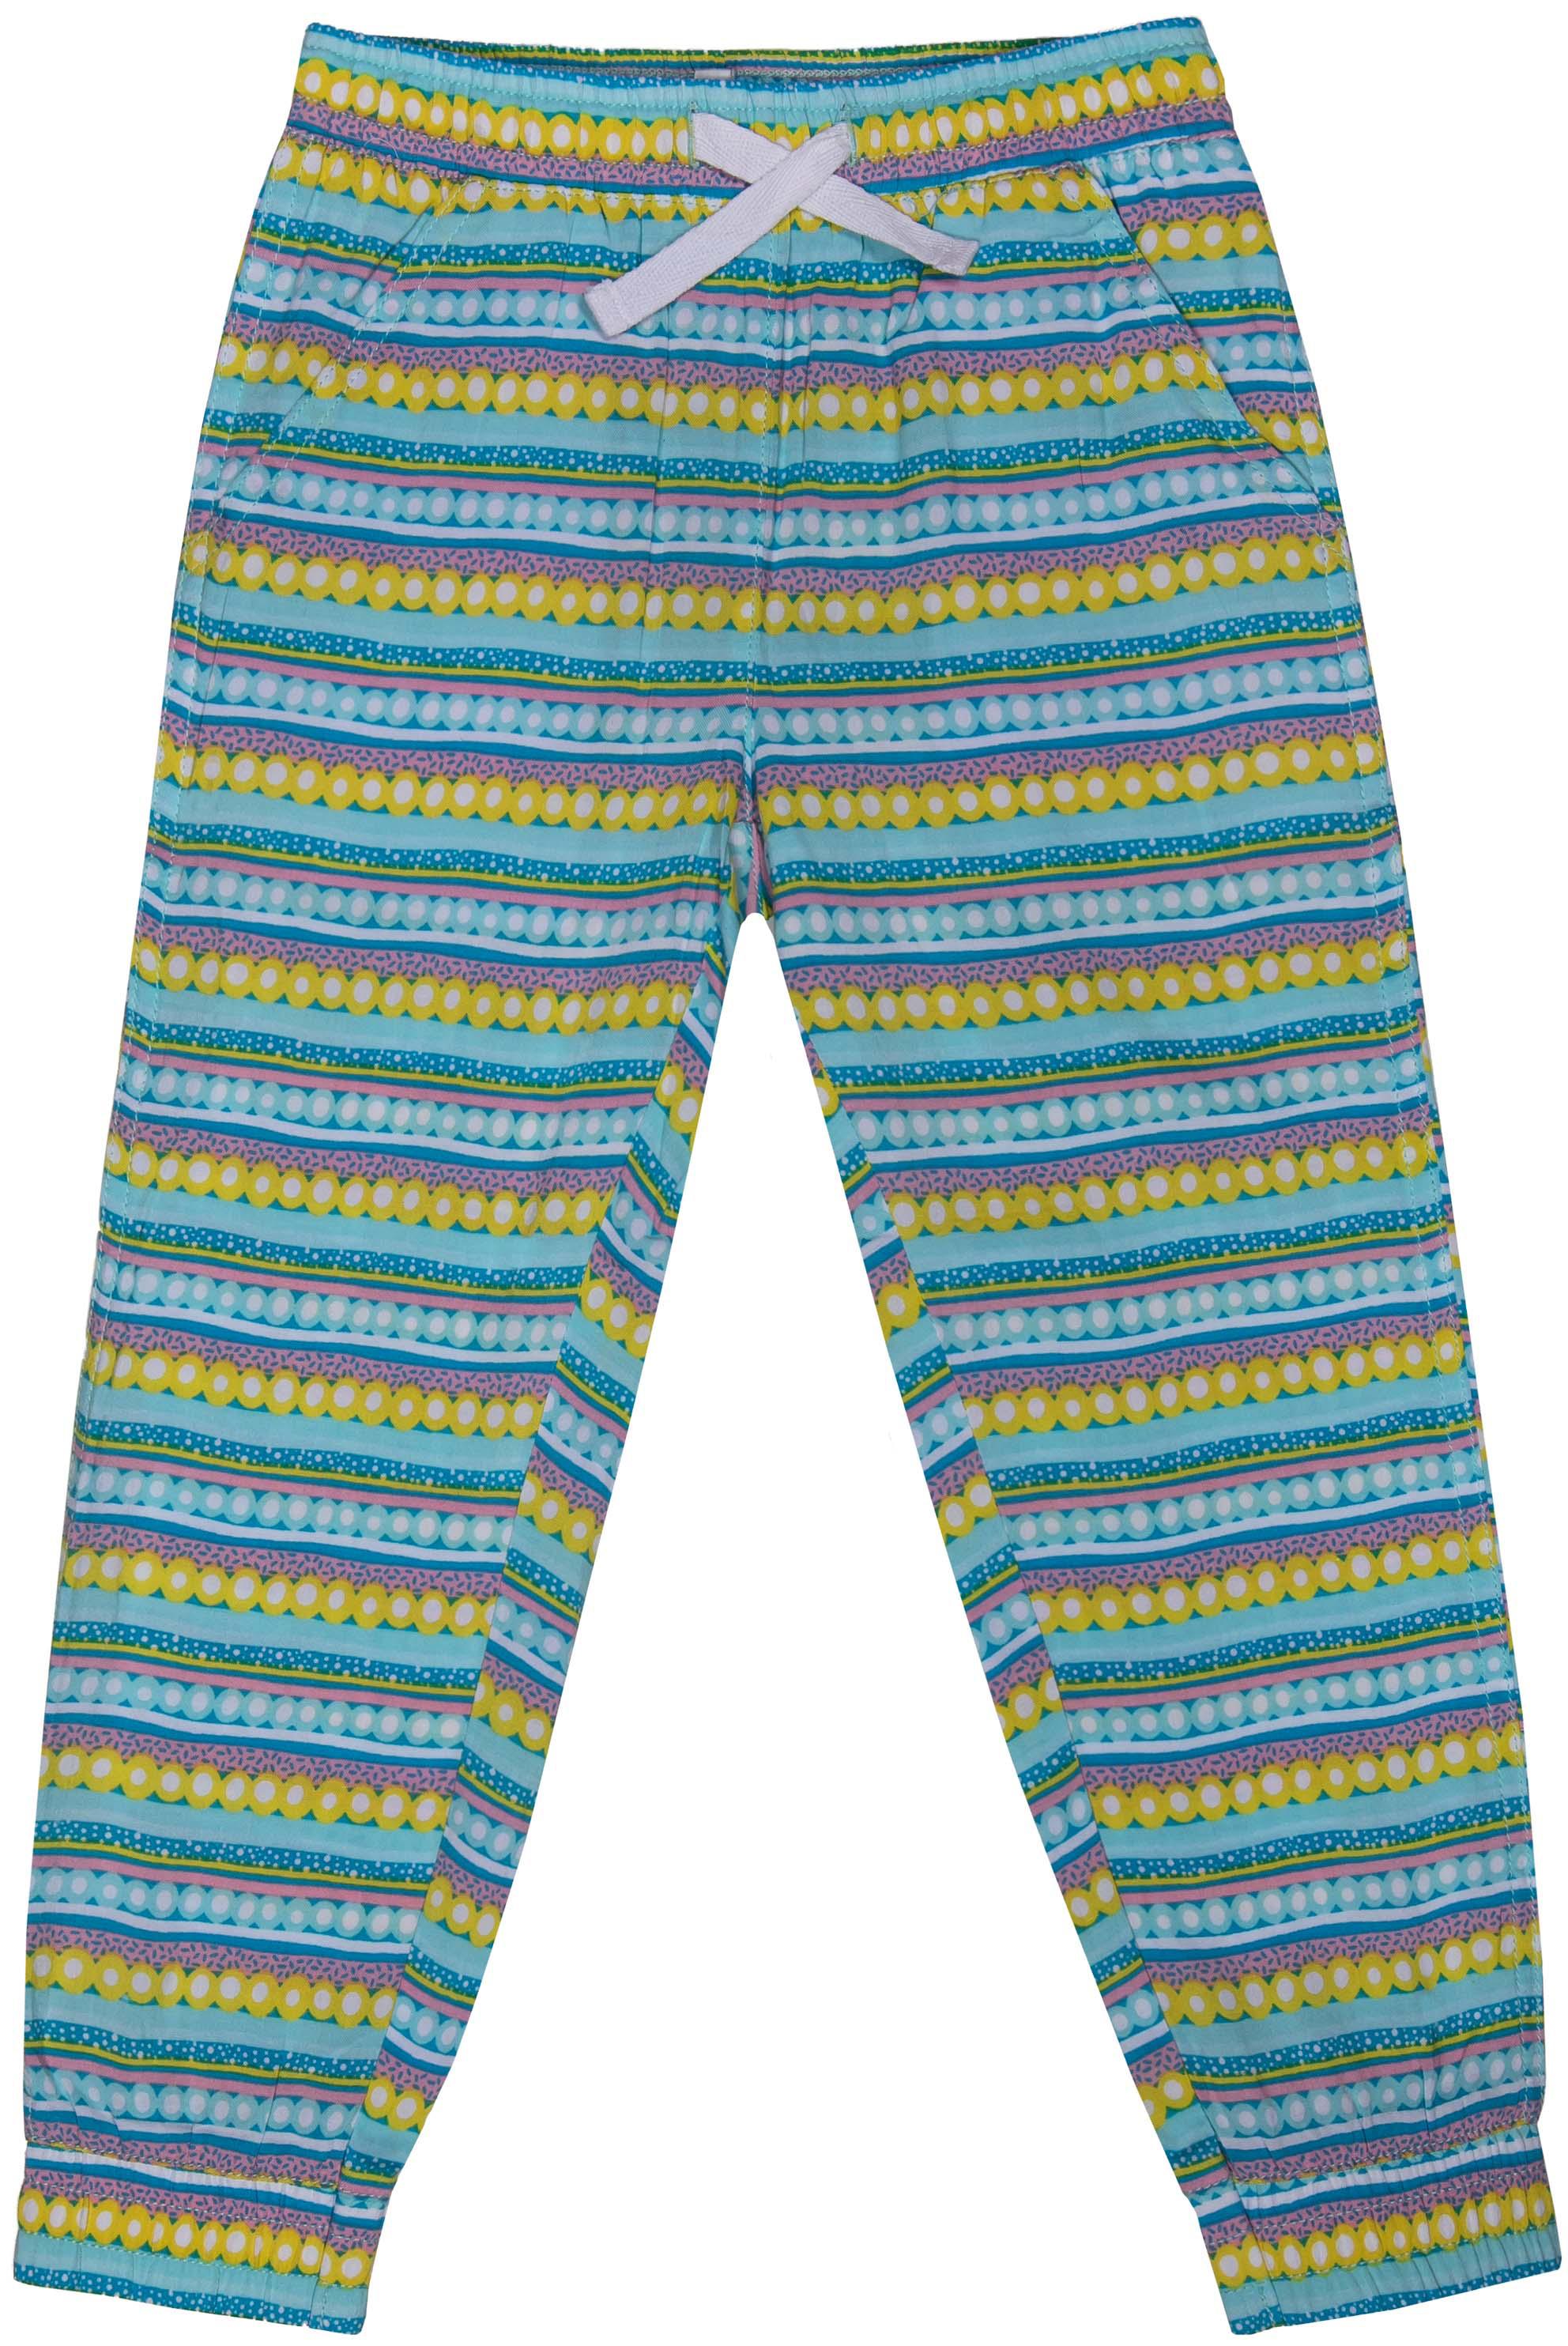 Брюки Barkito Сладкоежка-2 S18G3014W(2) брюки для девочки barkito фантазия голубые с рисунком